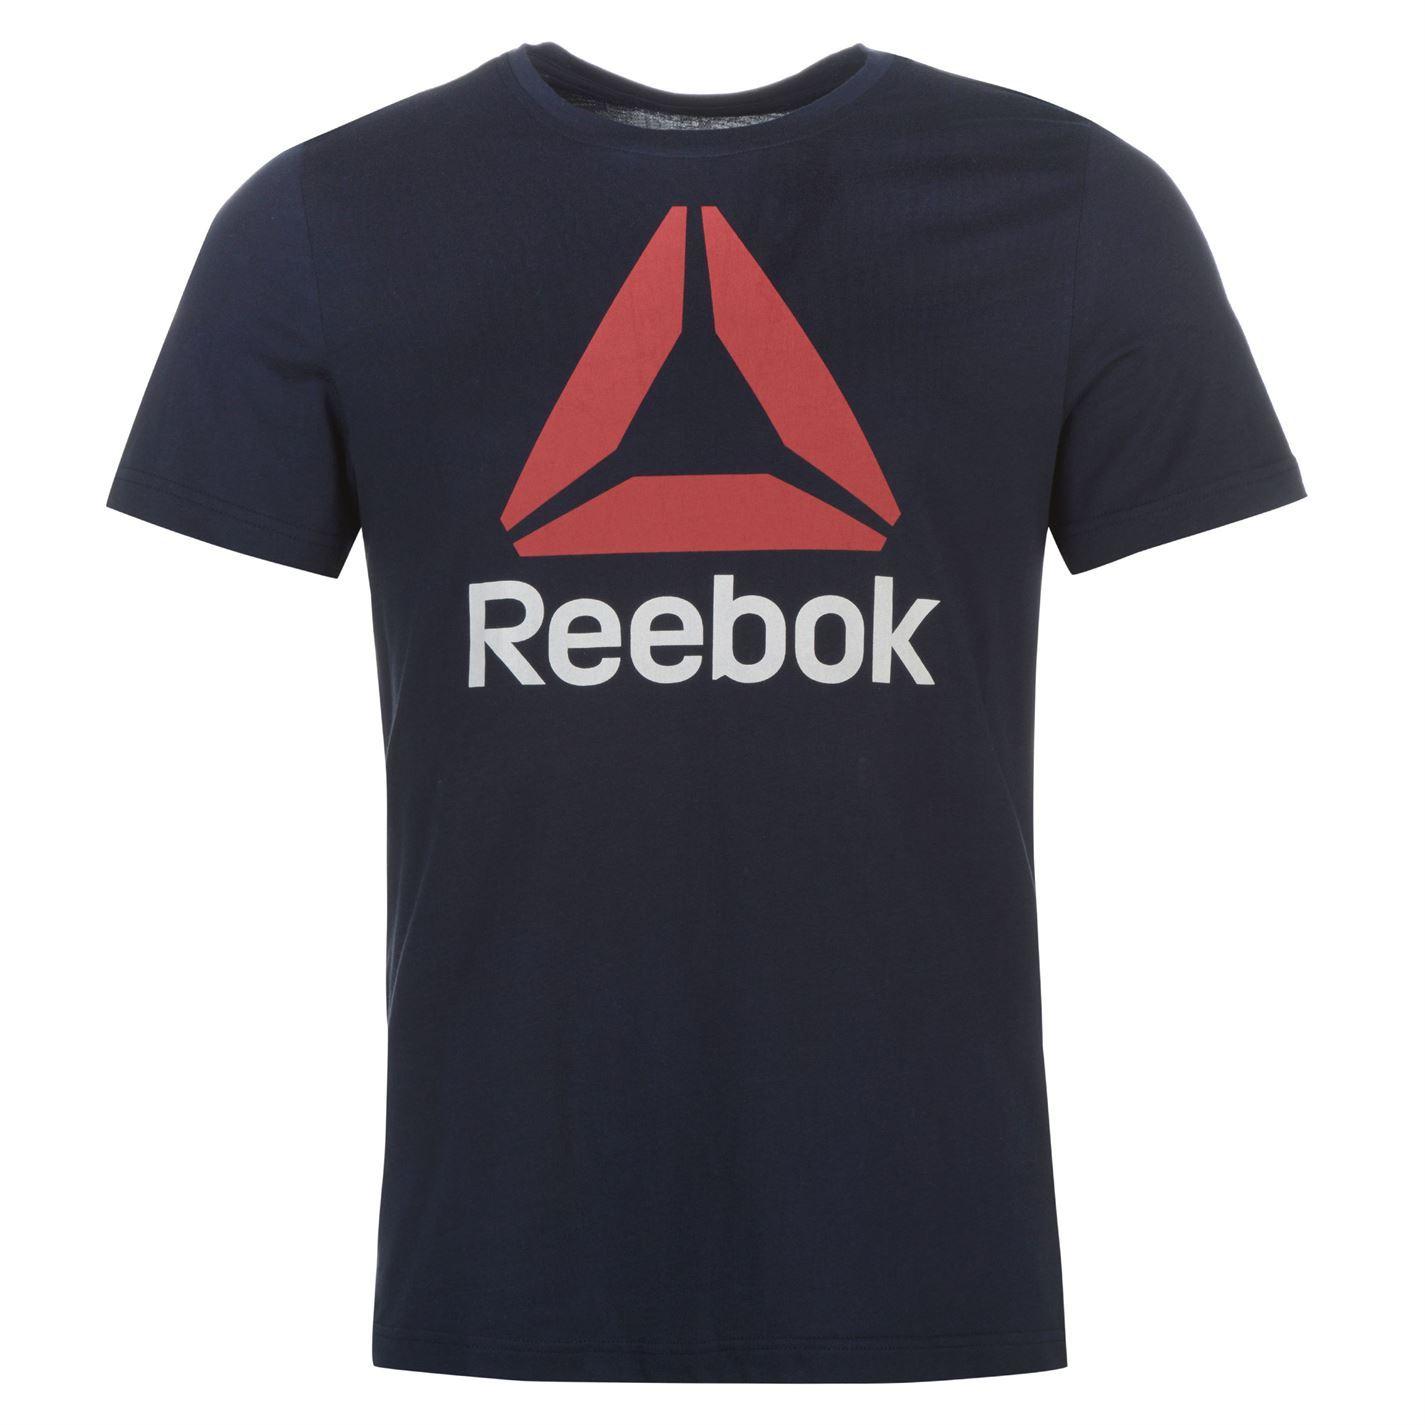 Reebok-Stack-Delta-Logo-T-Shirt-Mens-Tee-Shirt-Top thumbnail 19